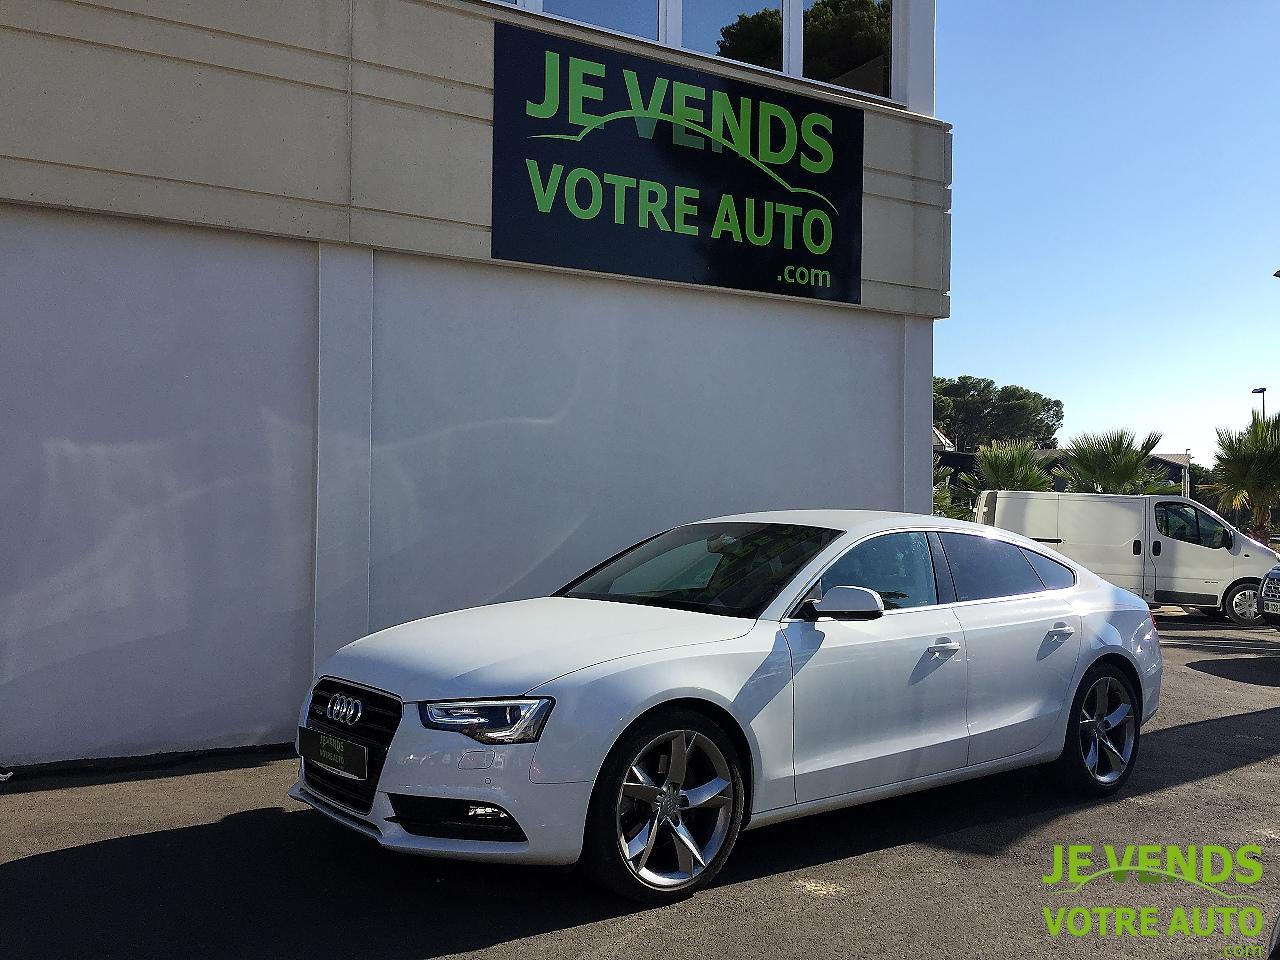 Audi A5 Occasion Annonces Achat Vente De Voitures